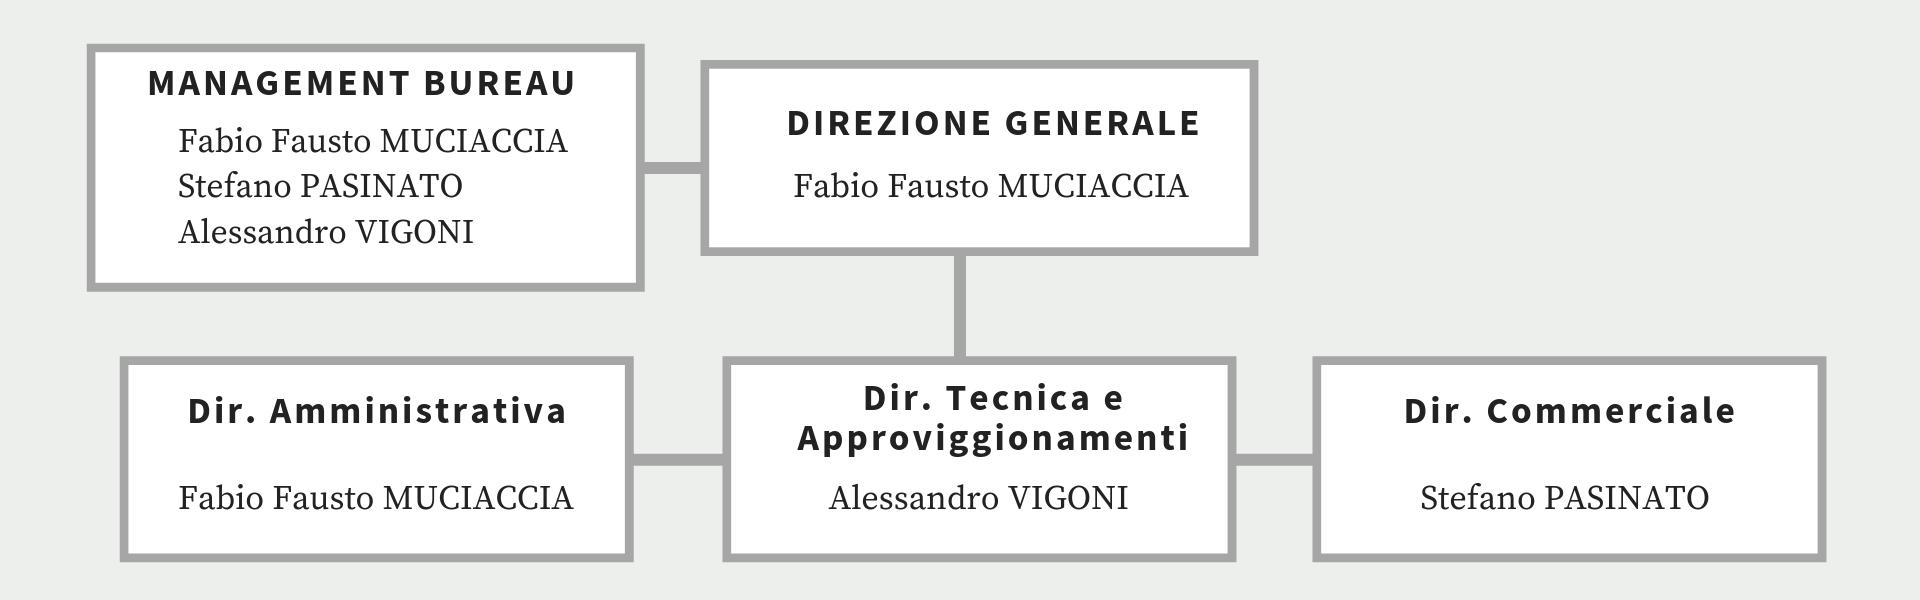 WEST organigramma